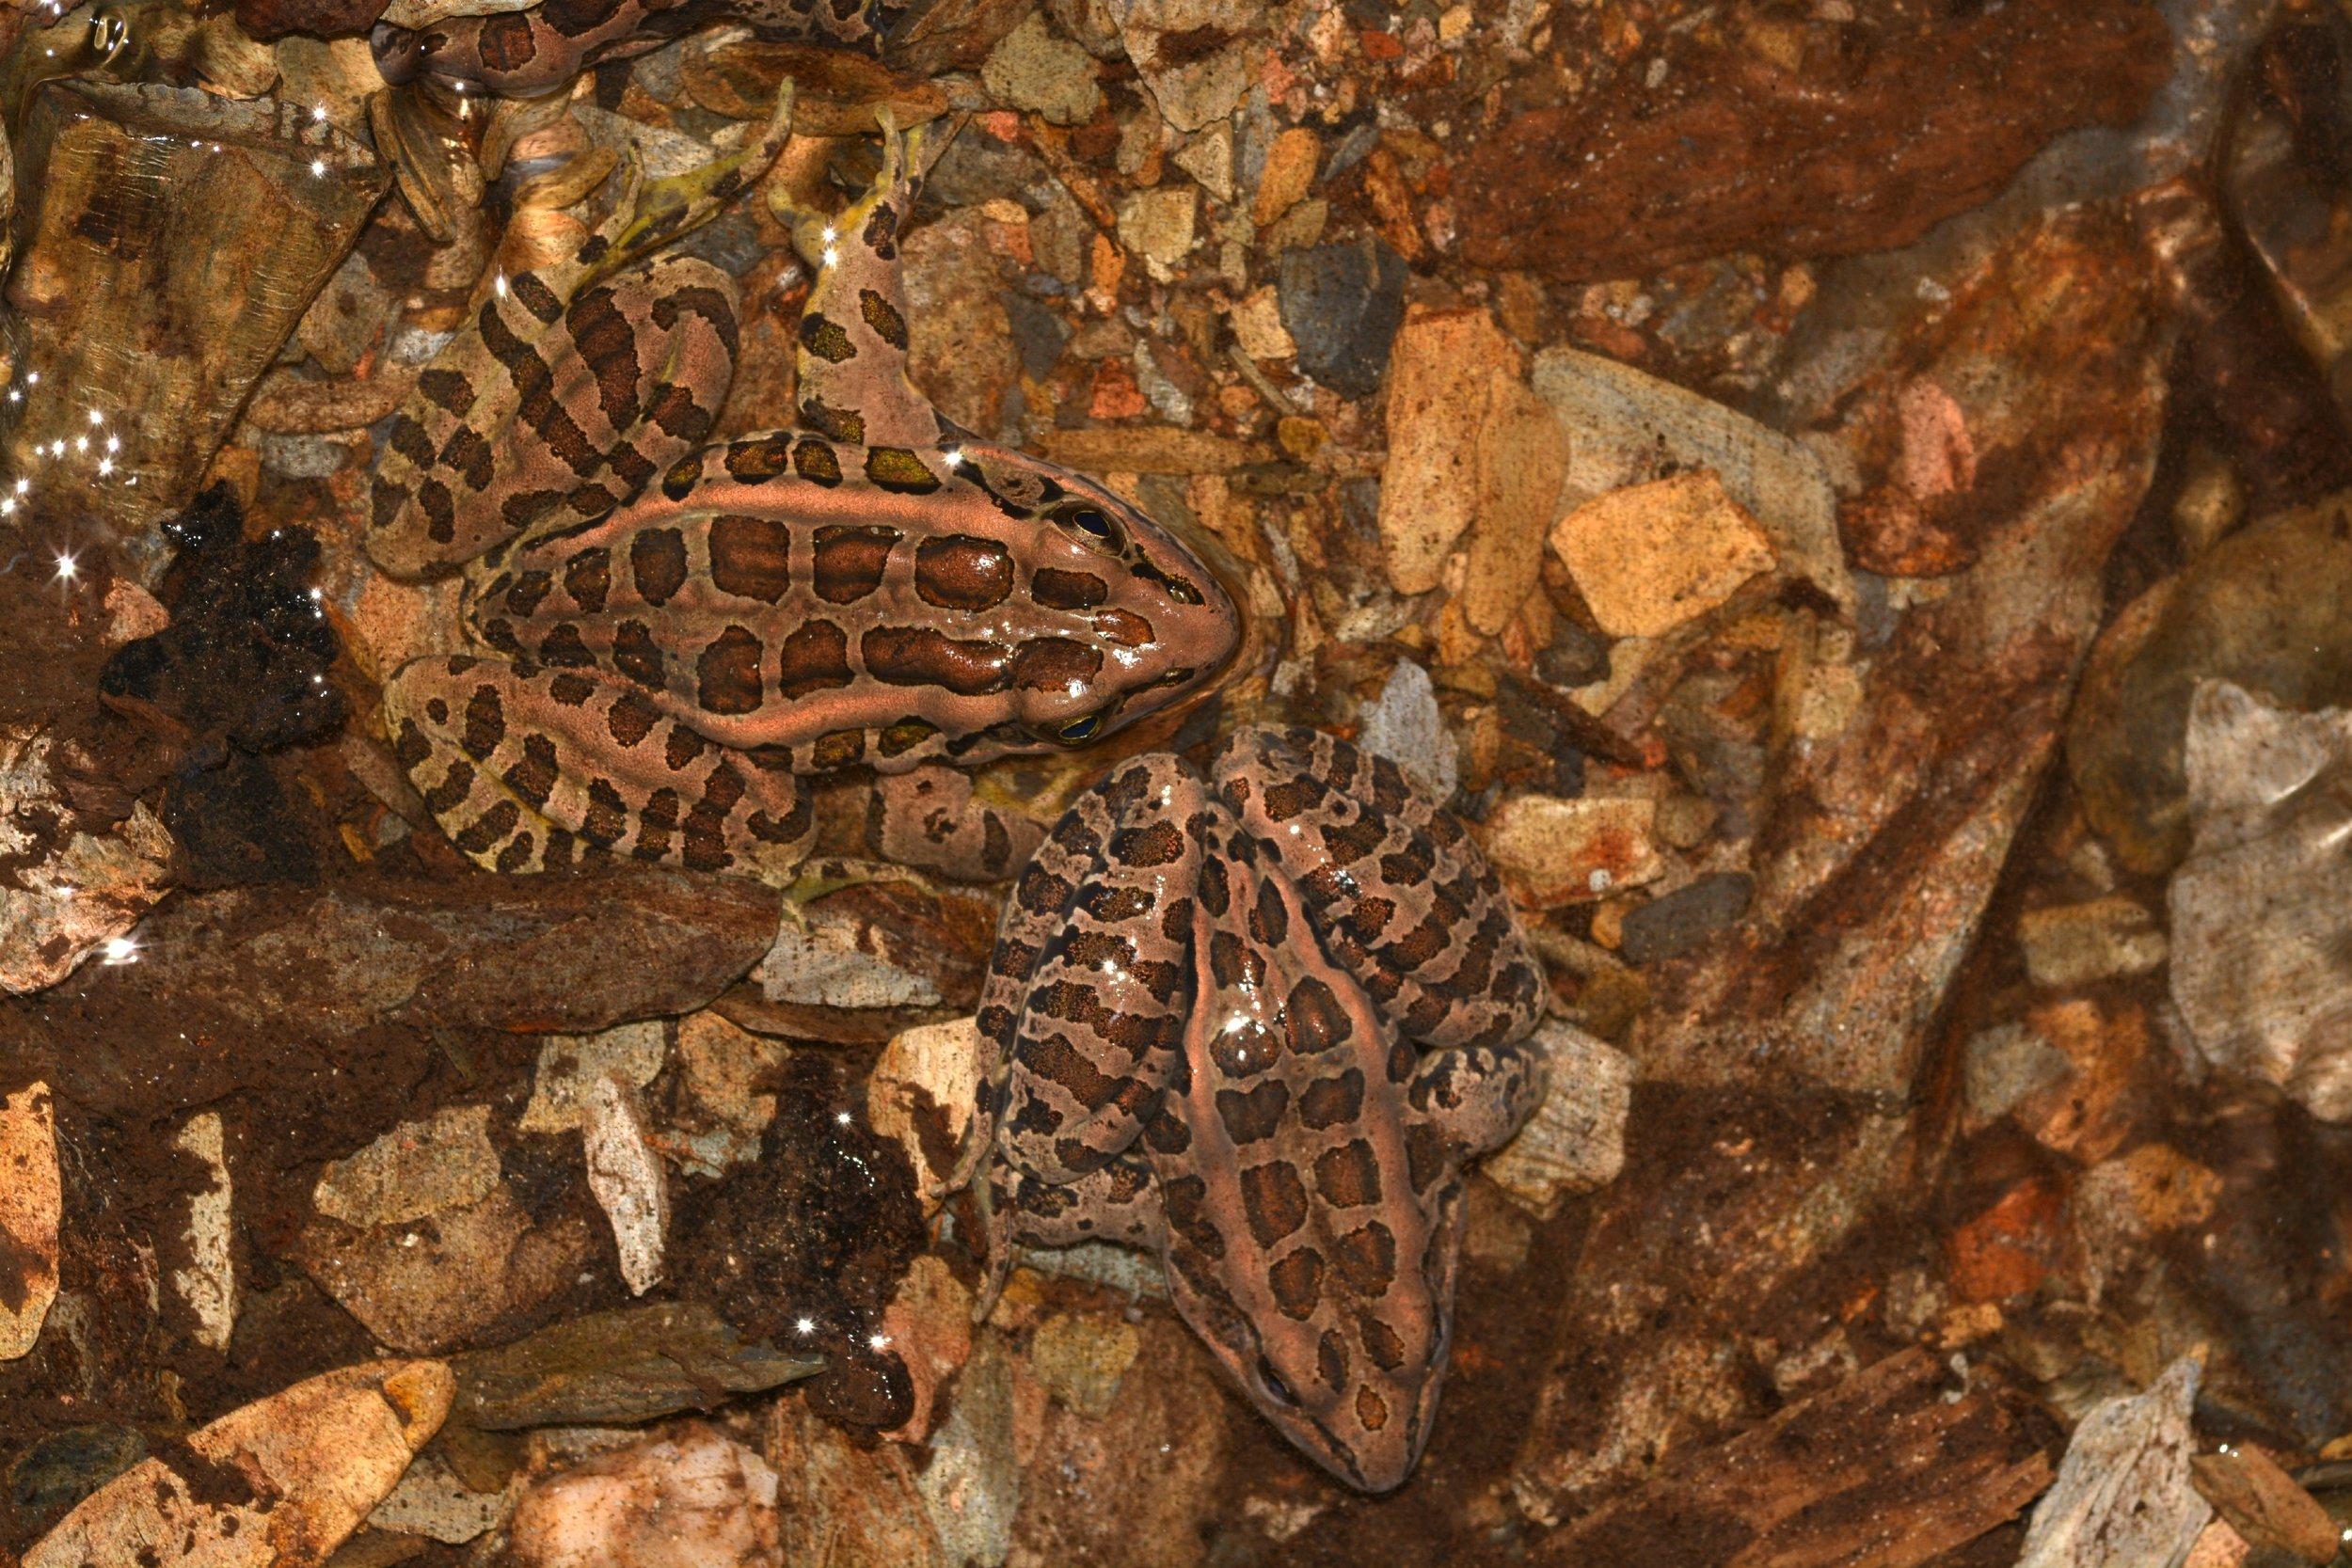 Pickerel Frogs - Lithobates palustris